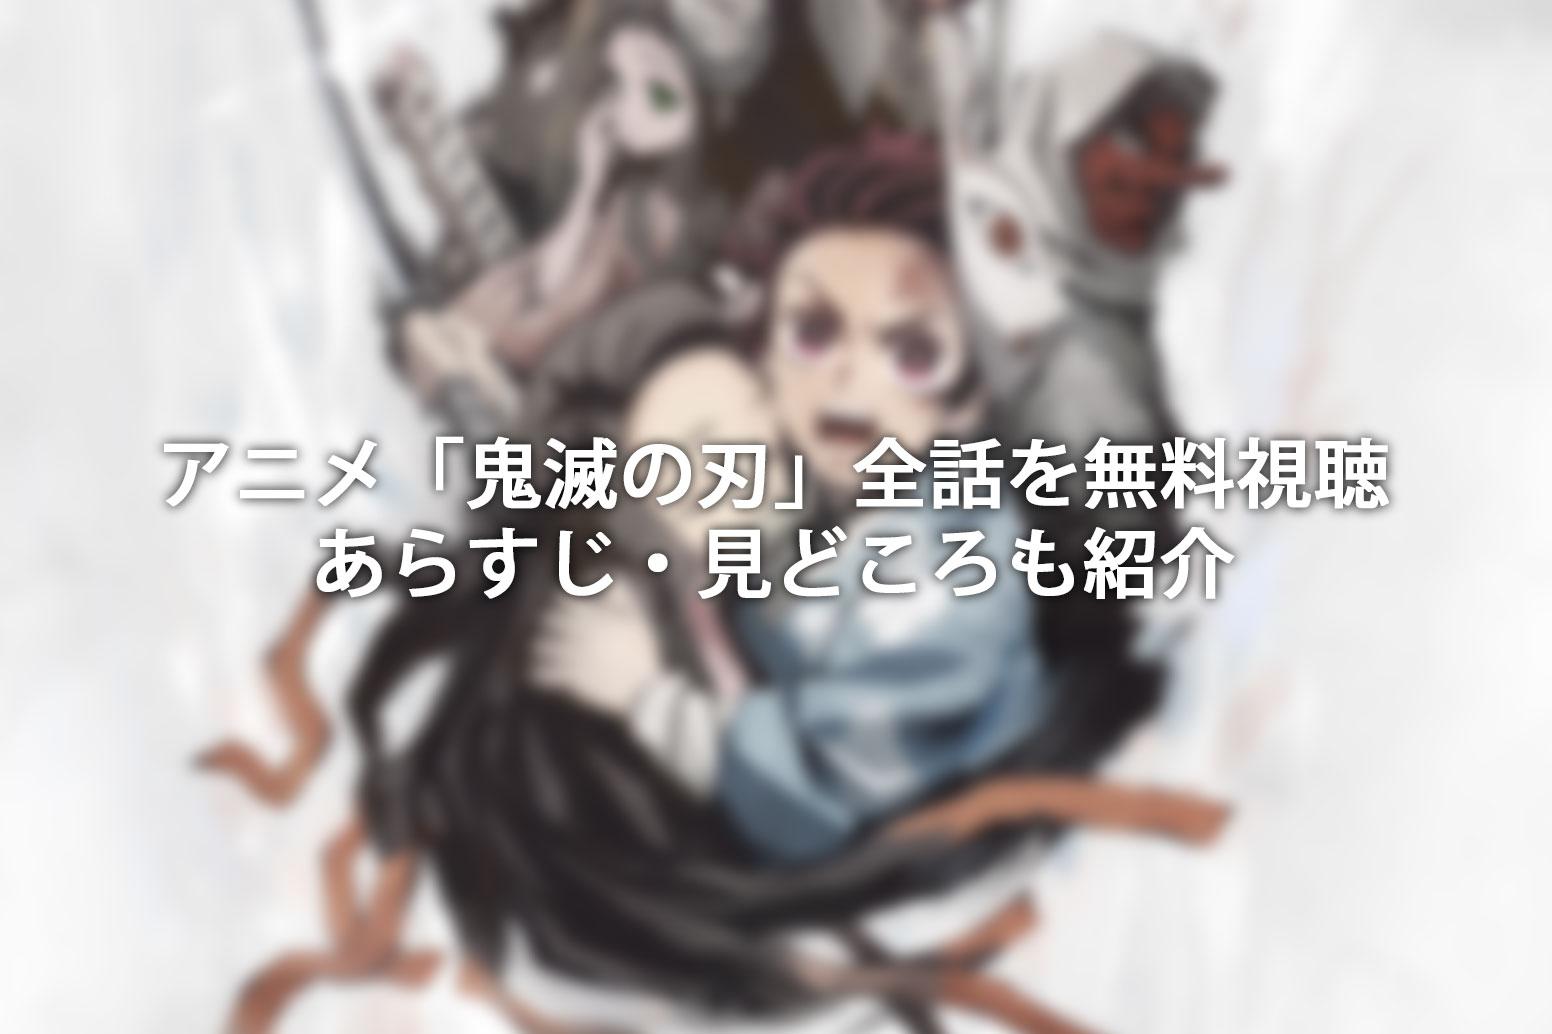 鬼滅の刃 フル動画